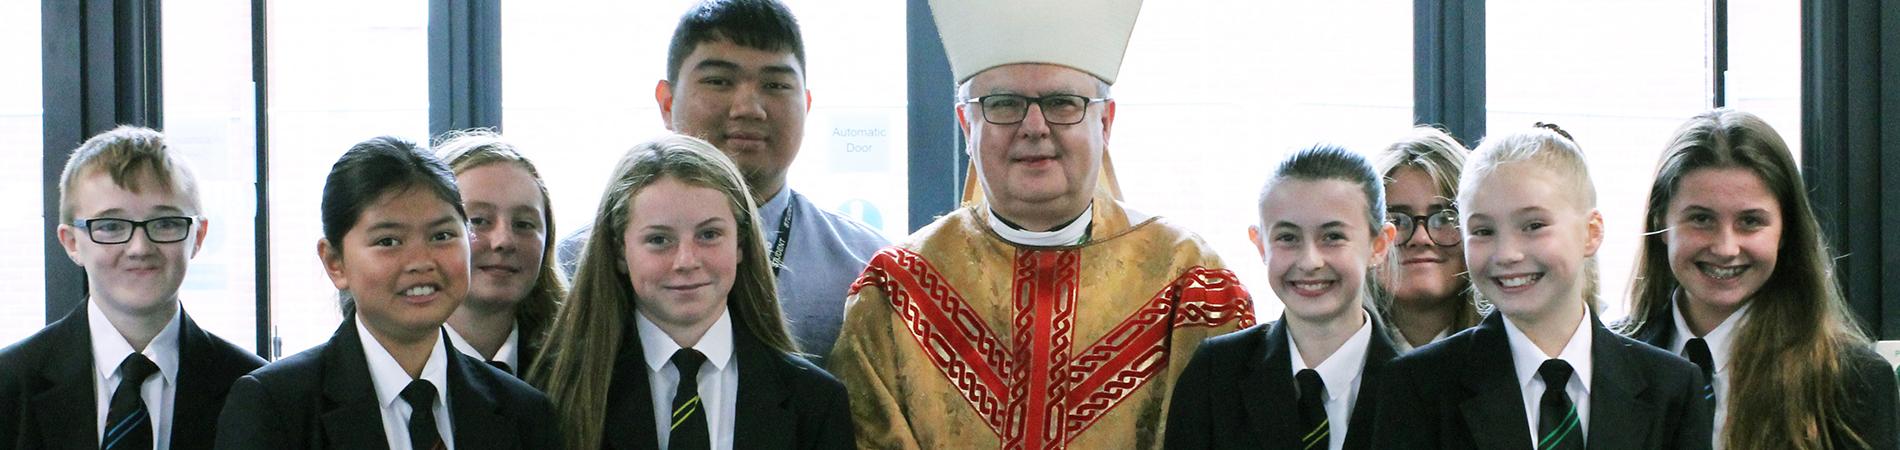 BishopOpeningSlider